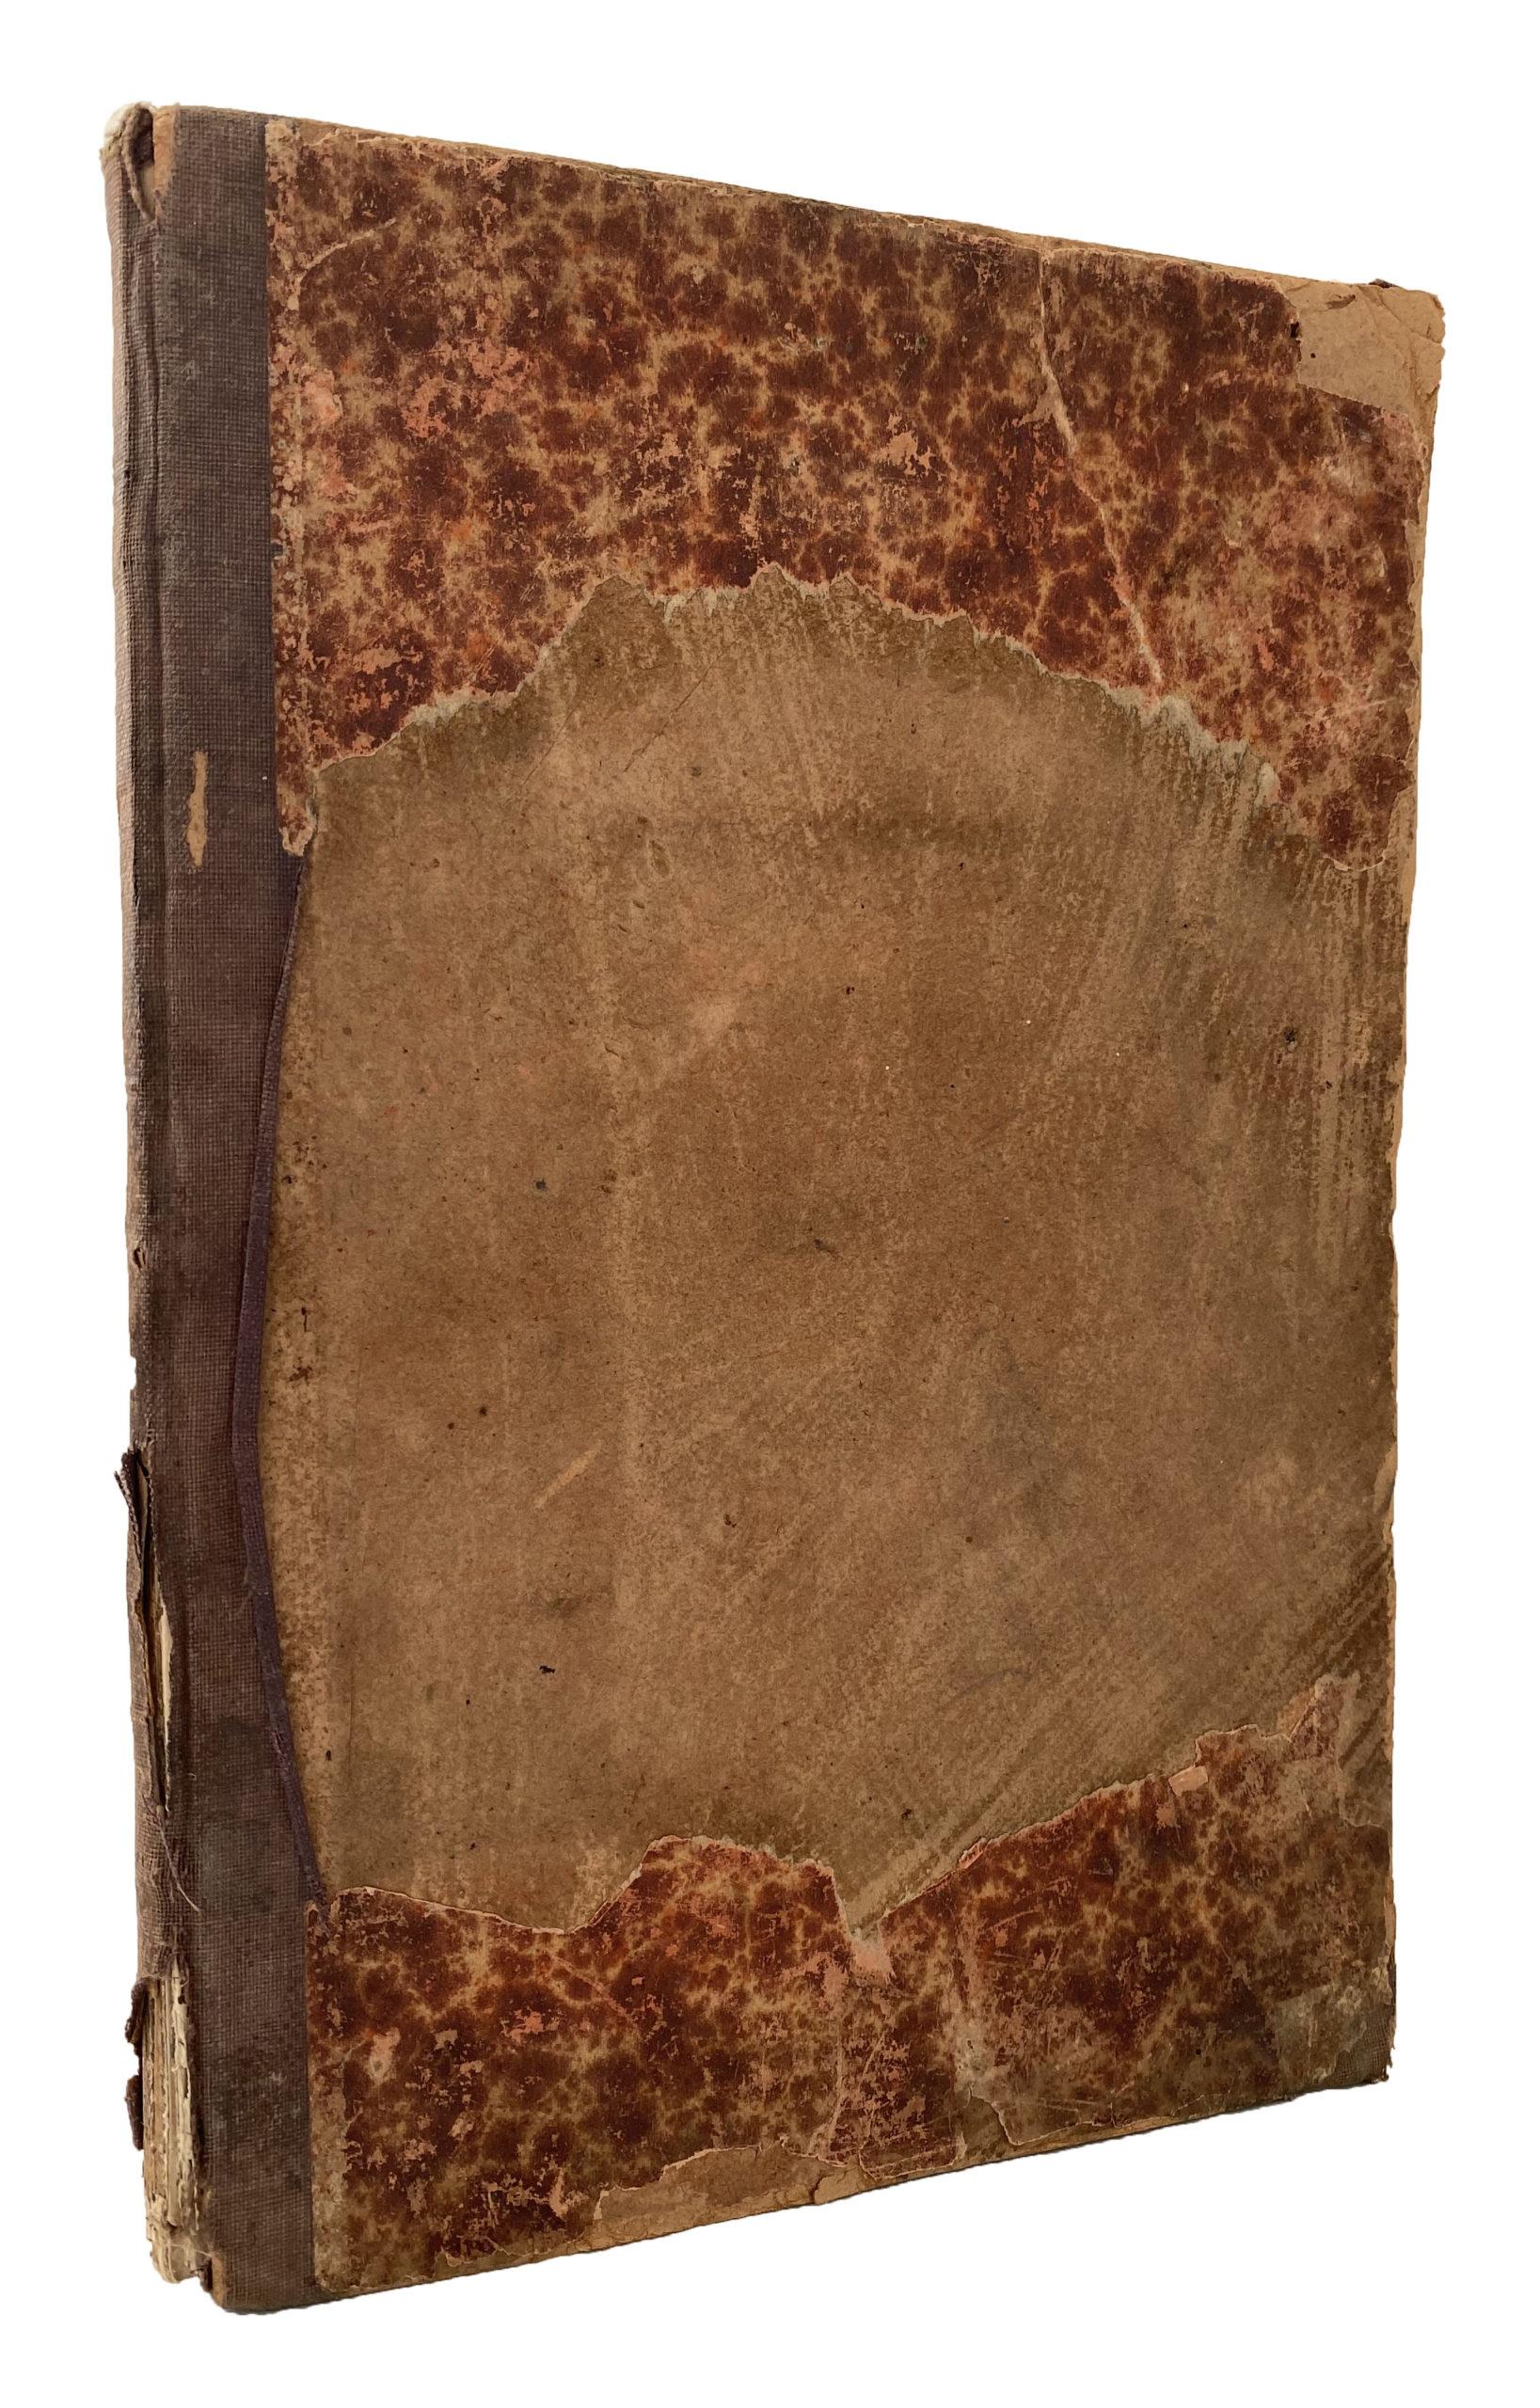 Збирнык драматычных творив Ивана Карпенка — Карого, Херсон, 1886.